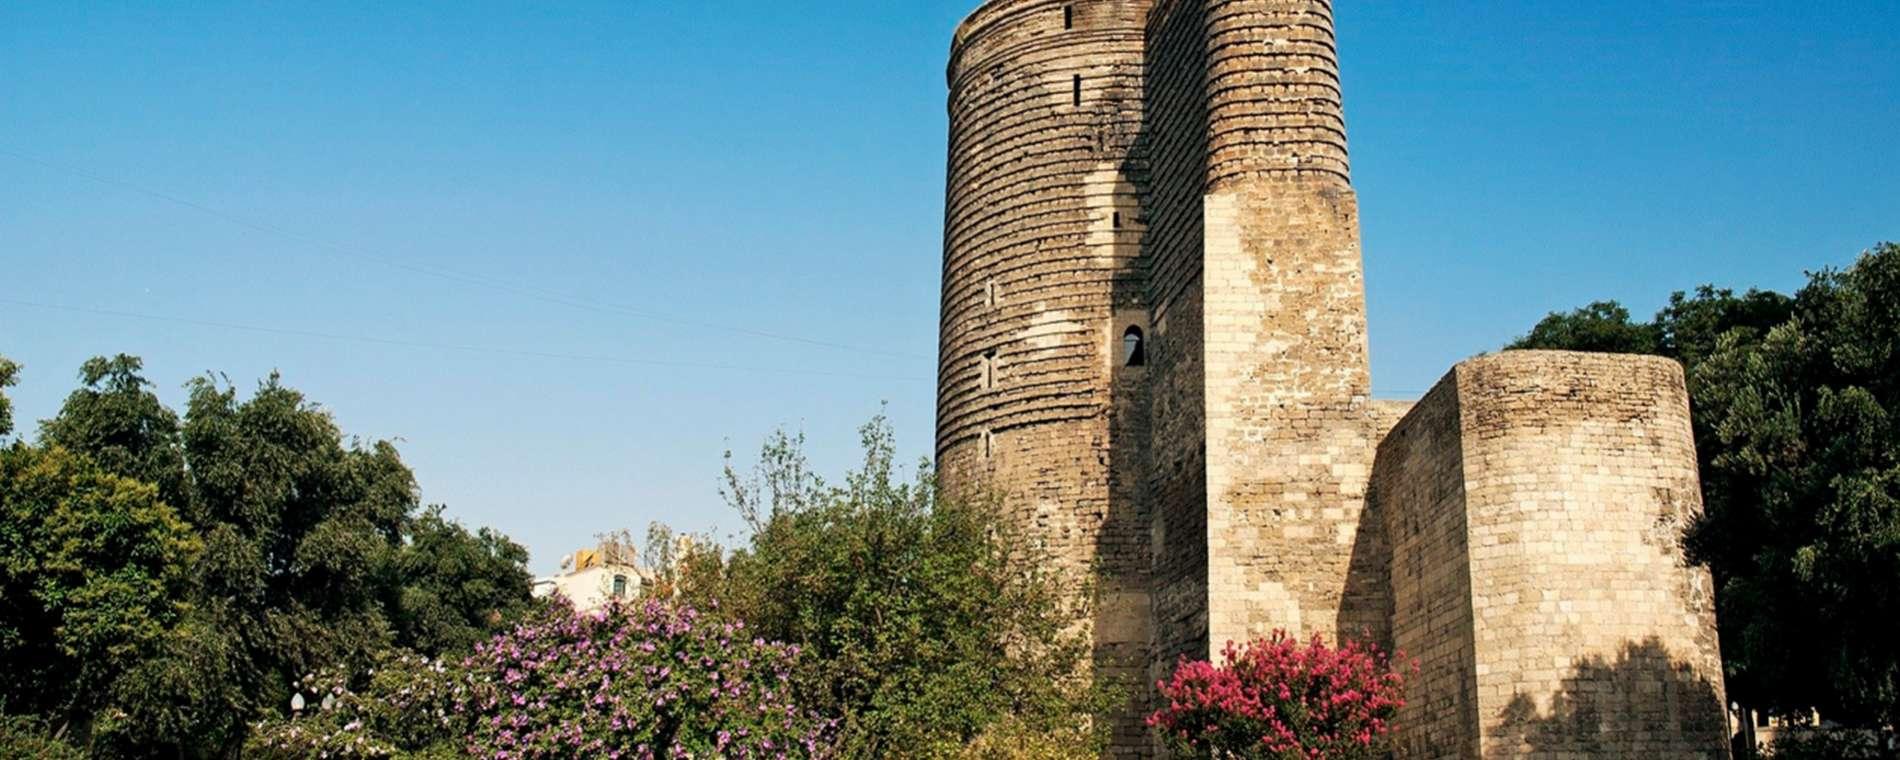 В Баку пройдет фестиваль «Maiden Tower. To Be a Woman»